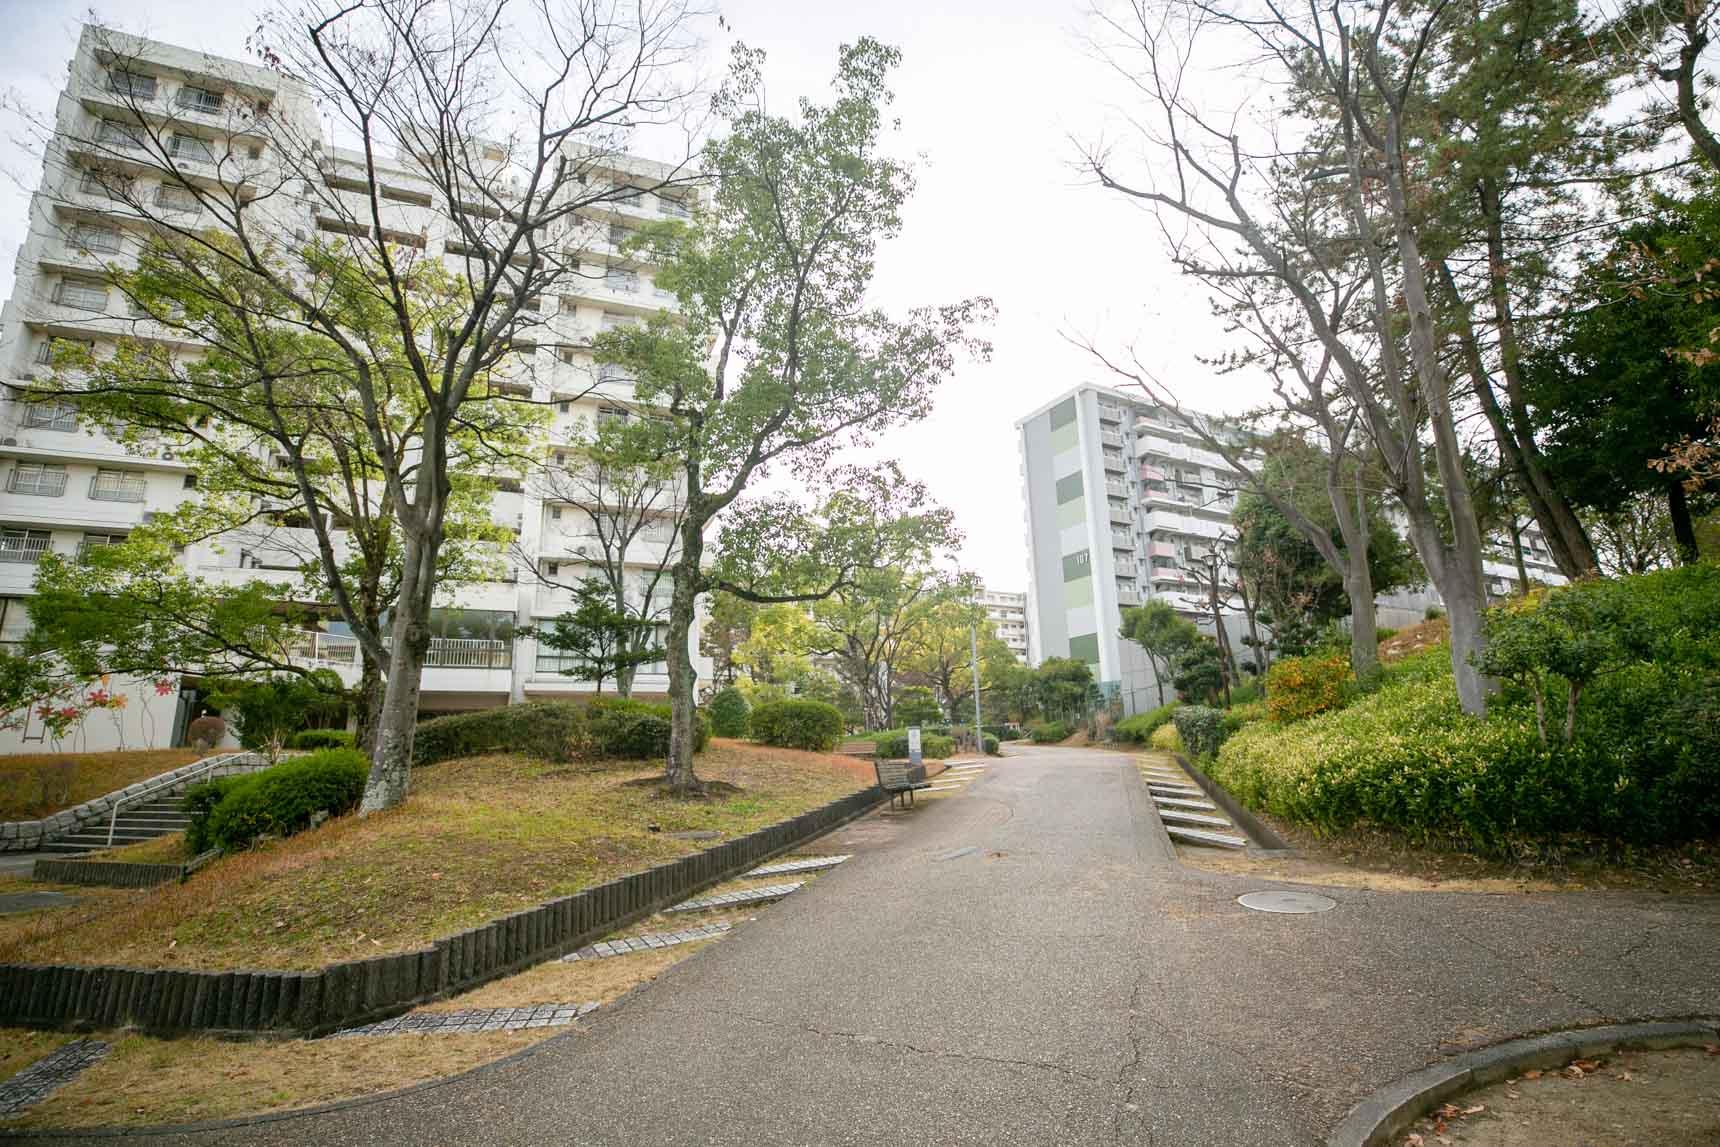 名古屋市内で緑豊かな生活をリラックスして楽しむ。「千代が丘」の自由な暮らし